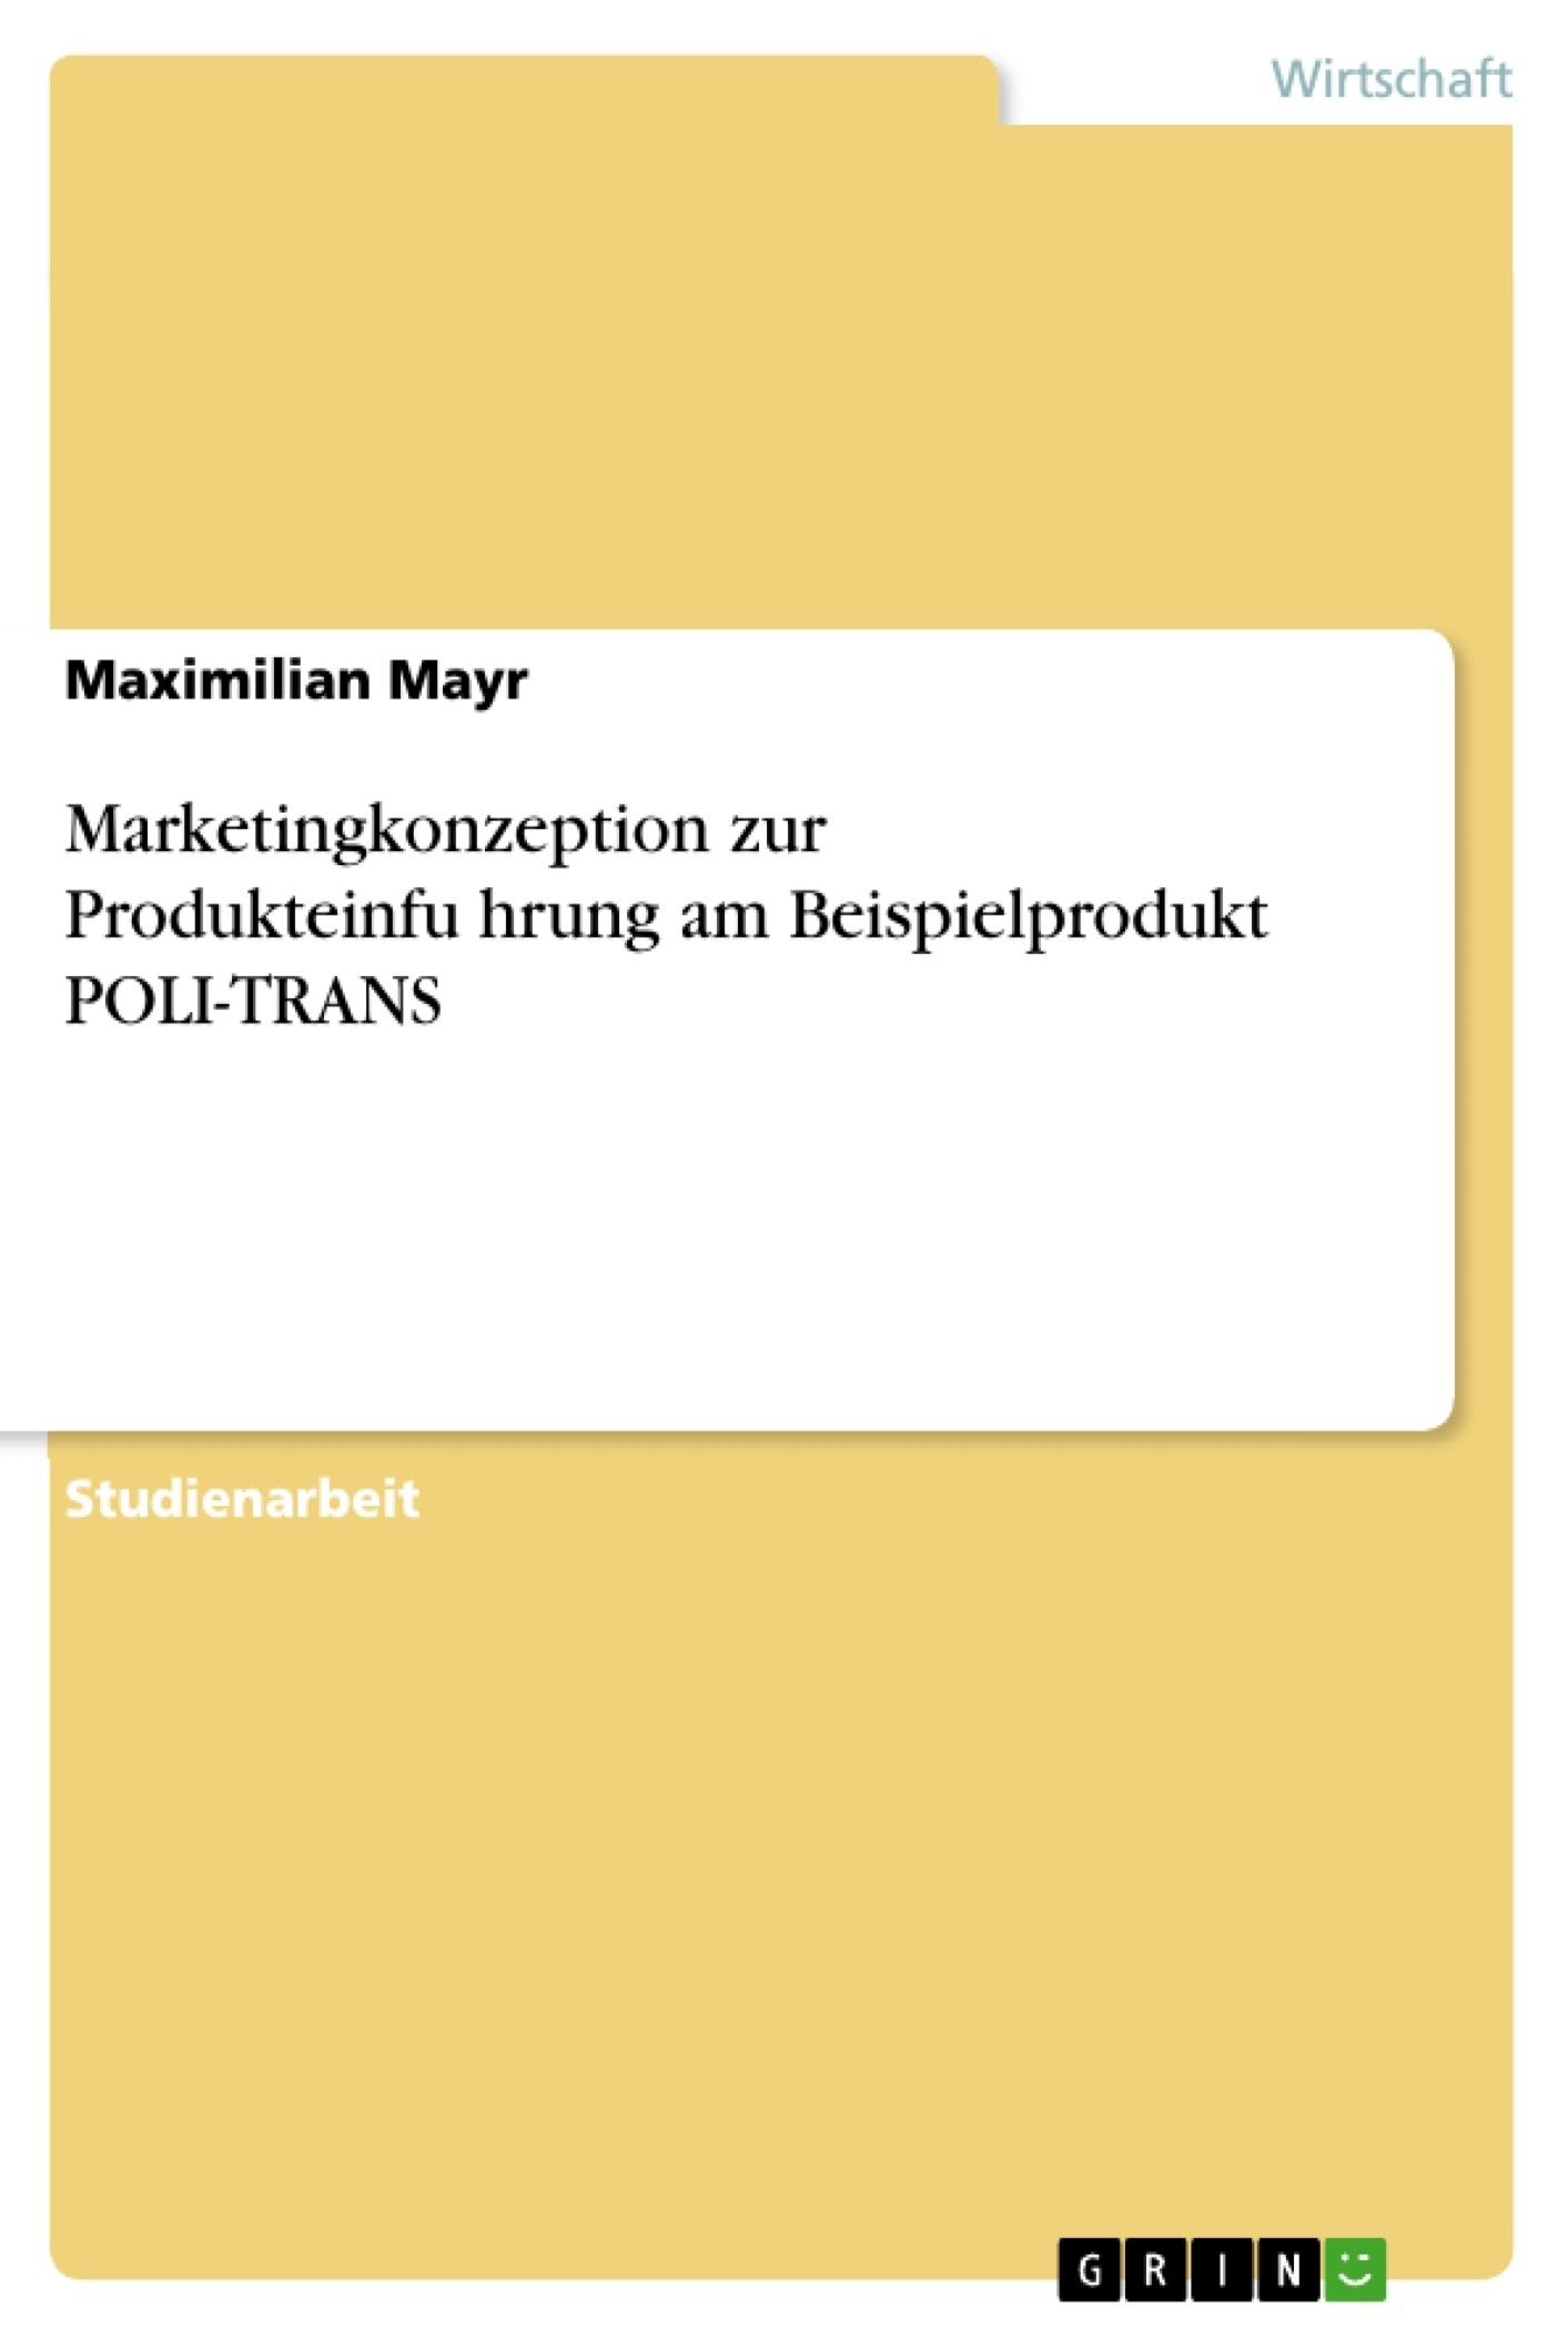 Titel: Marketingkonzeption zur Produkteinführung am Beispielprodukt POLI-TRANS